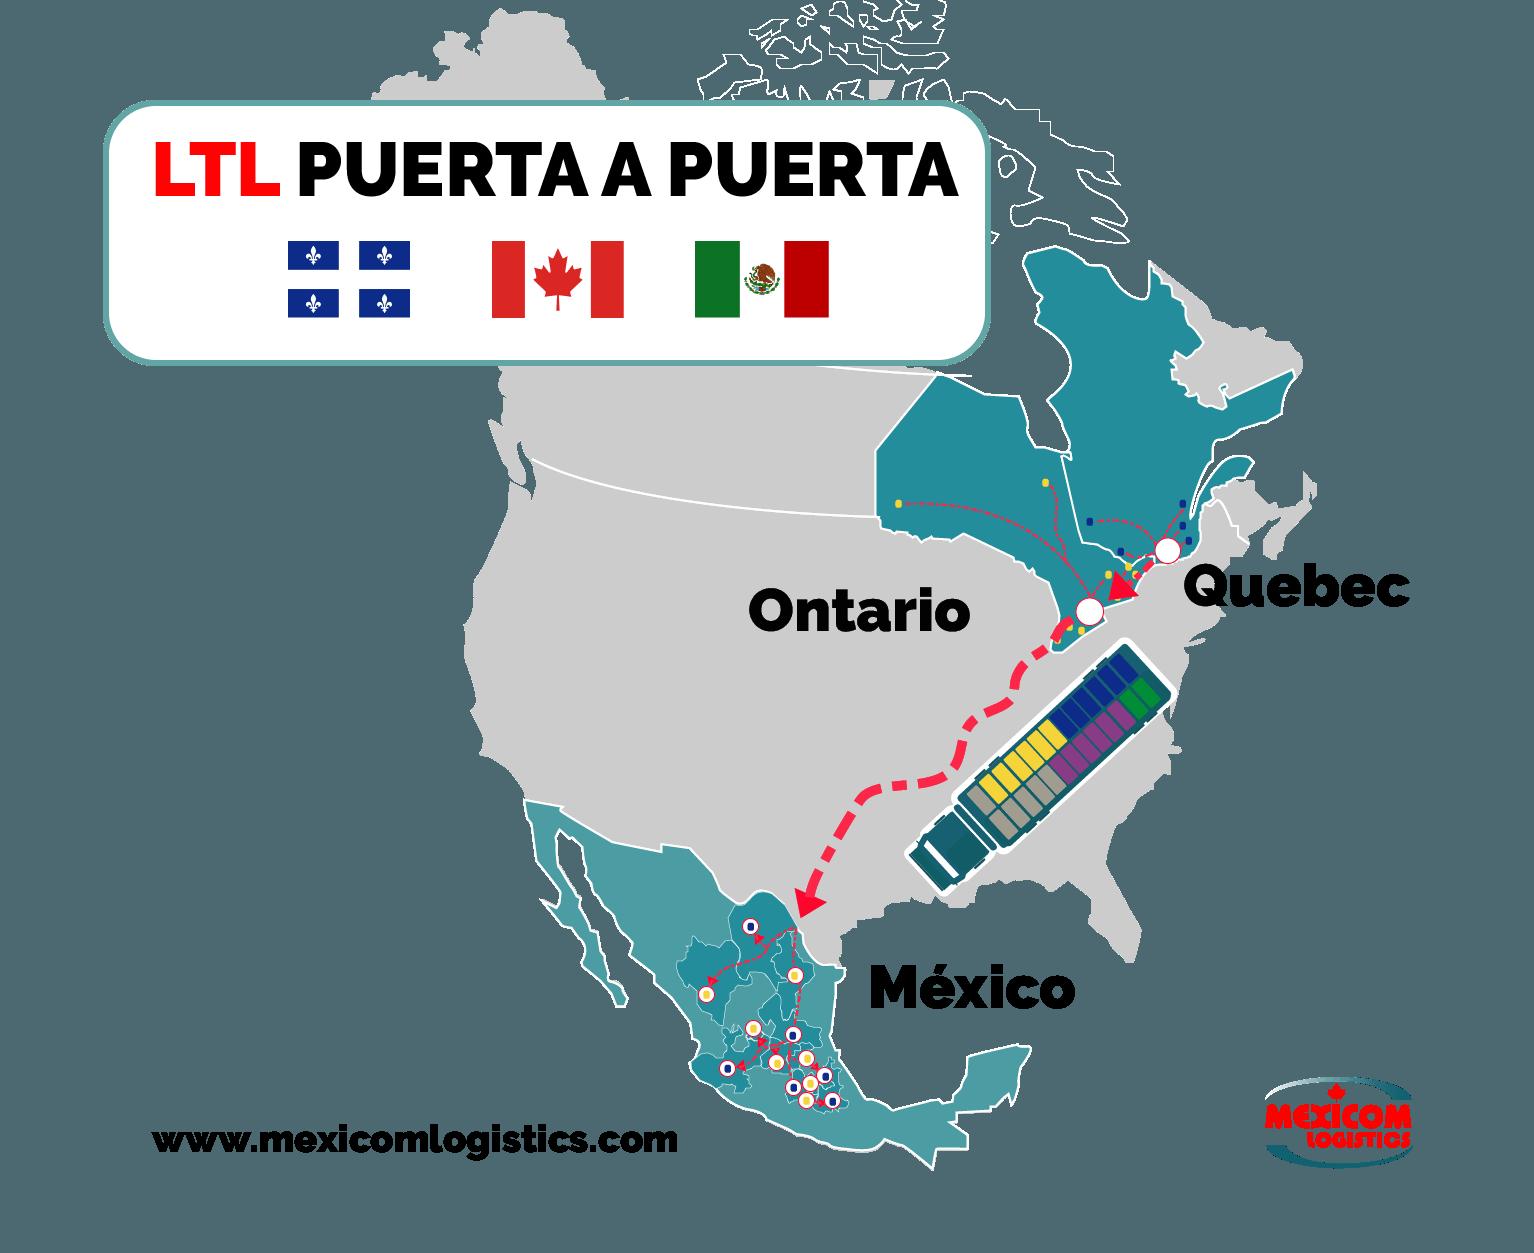 Transporte consolidado Puerta a Puerta Quebec Ontario Mexico Mexicom Logistics